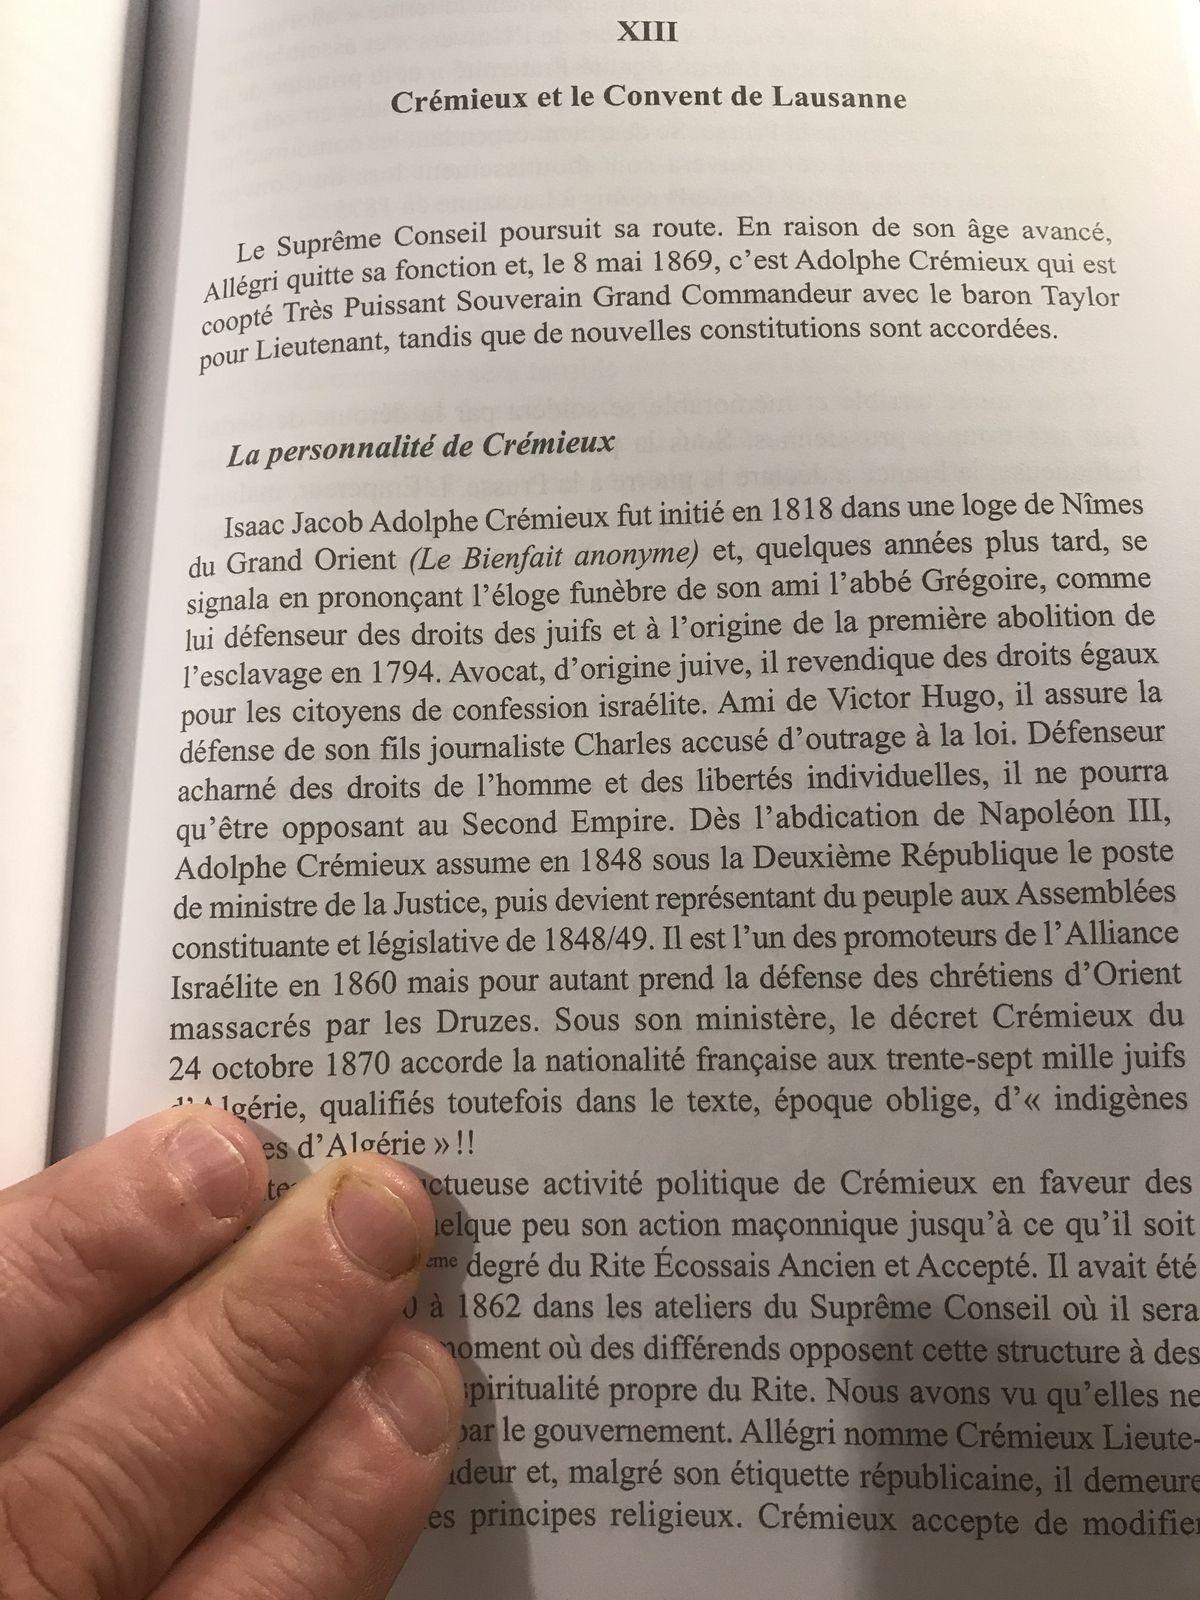 """Claude Collin : """"Origine et gouvernance du Rite Ecossais Ancien et Accepté par un ancien Grand Commandeur"""". Un livre majeur."""